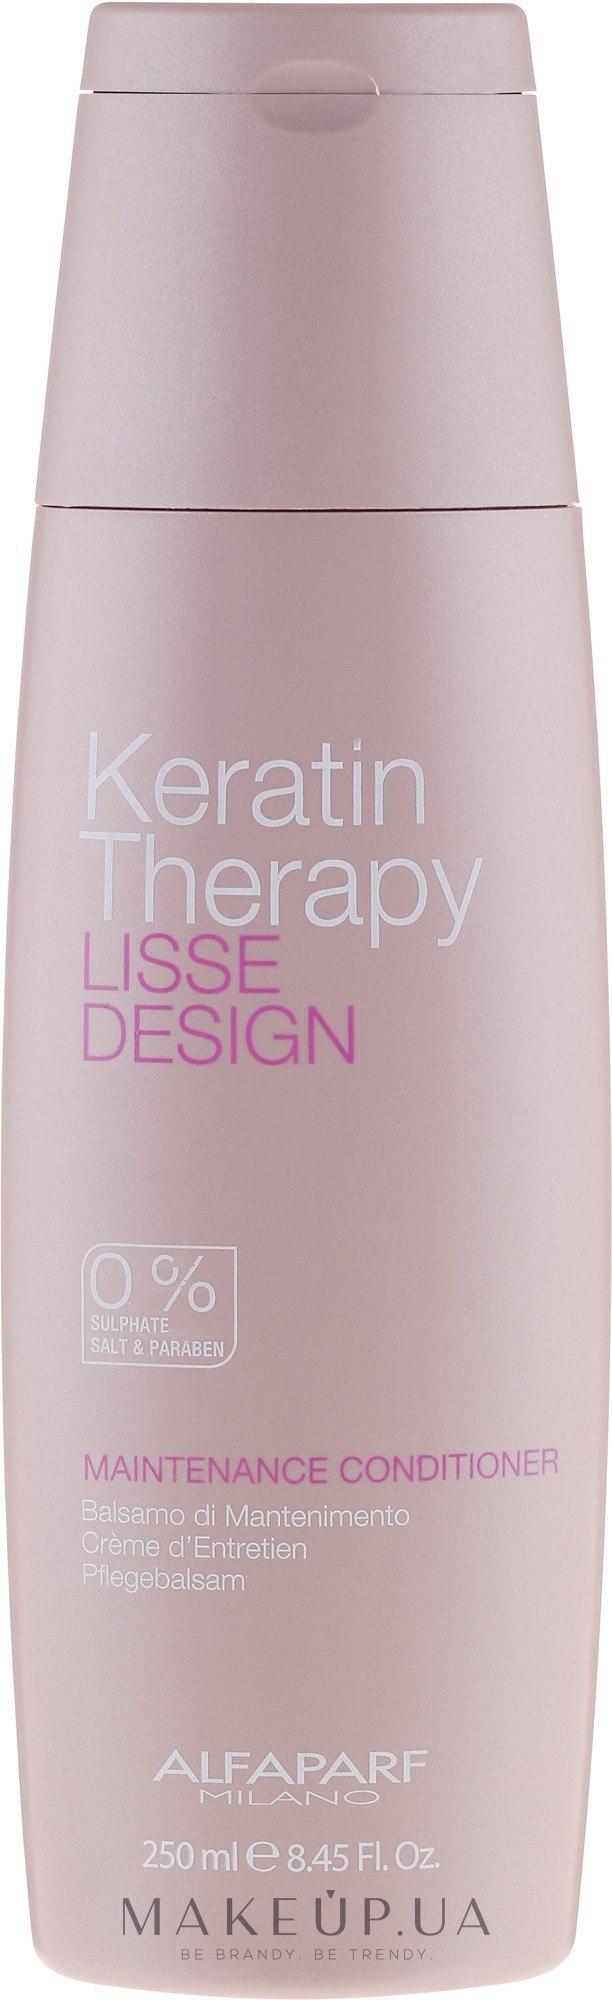 Кератиновый кондиционер - Alfaparf Lisse Design Keratin Therapy Maintenance Conditioner — фото 250ml